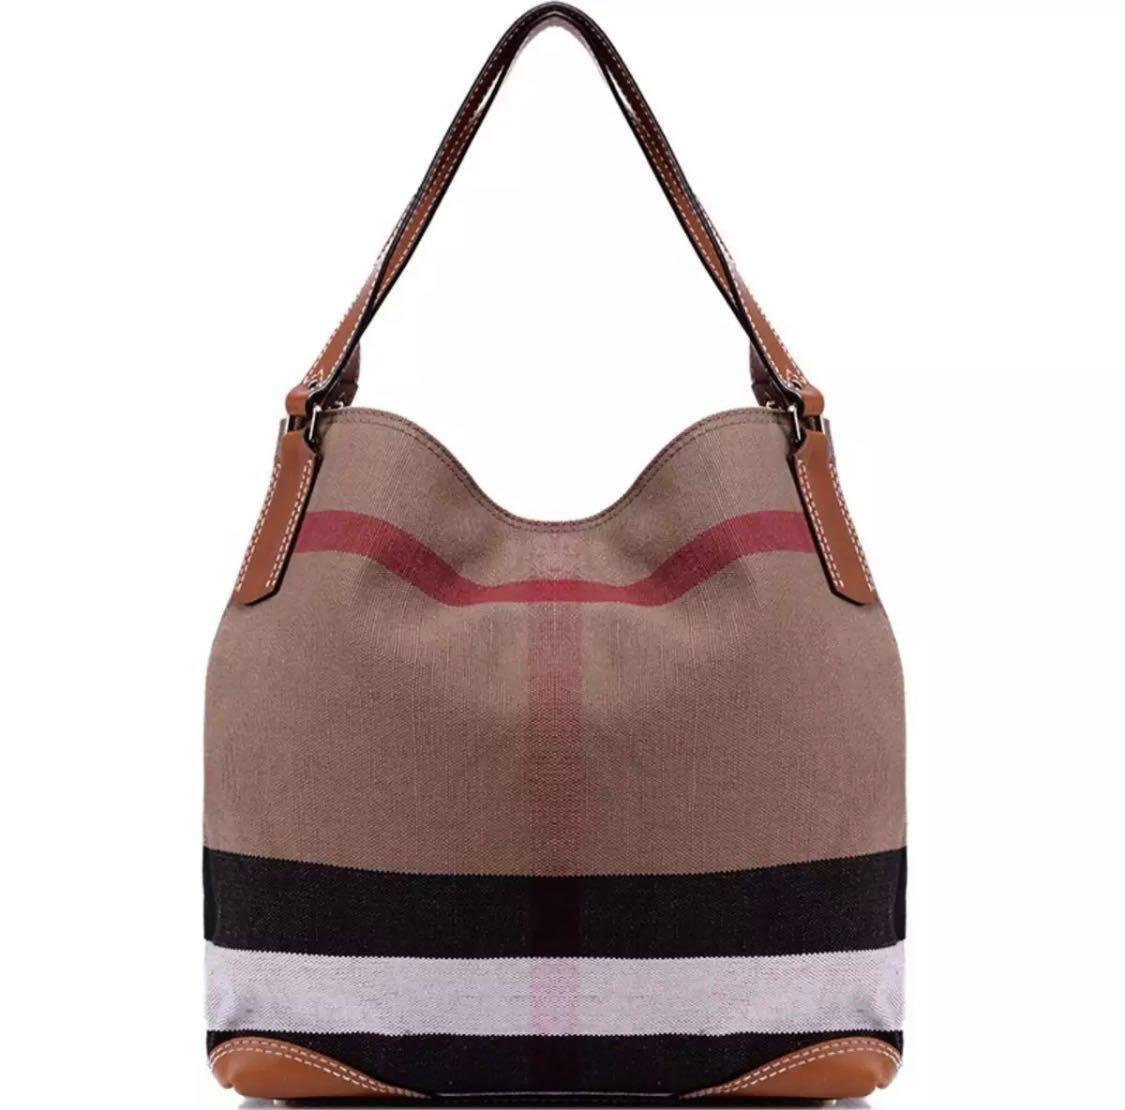 Burberry bag 🔥